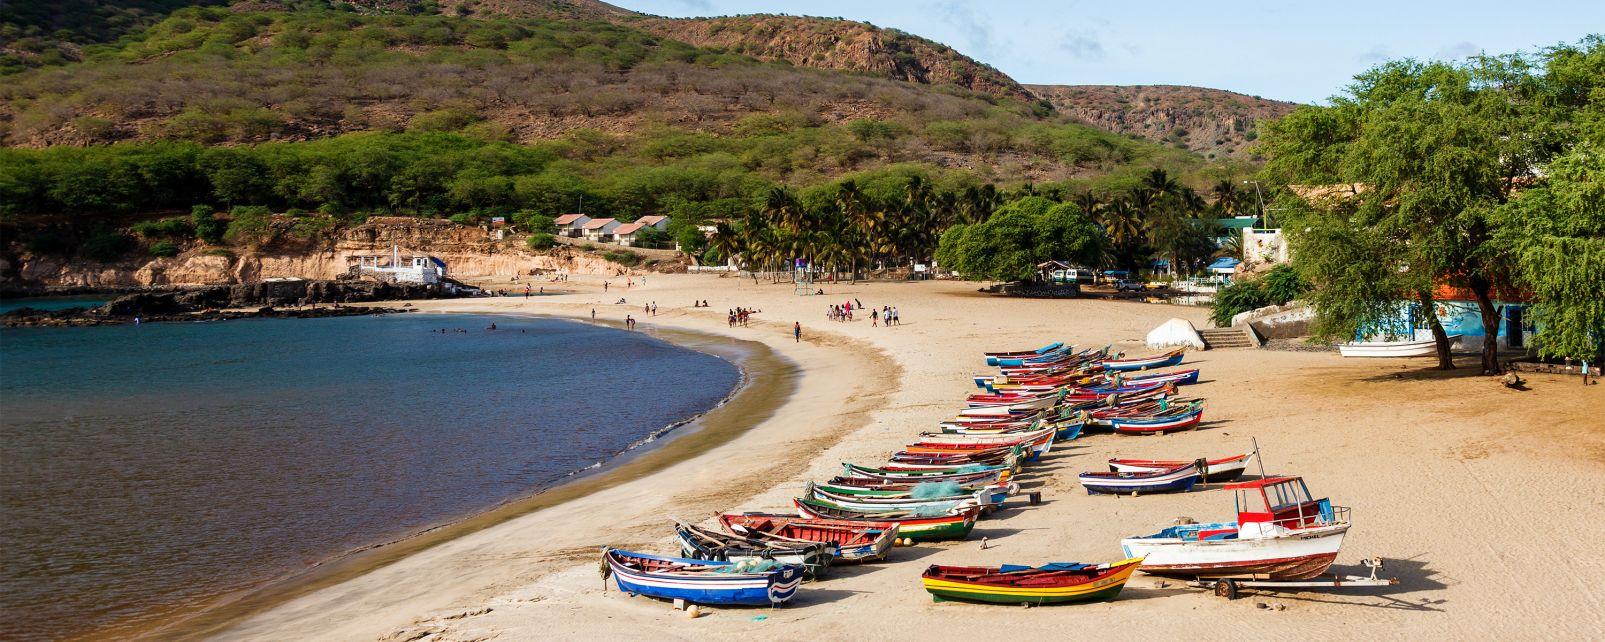 Les paysages, cap vert, afrique, santiago, île, praia, archipel, plage, barque, atlantique, océan, tarrafal